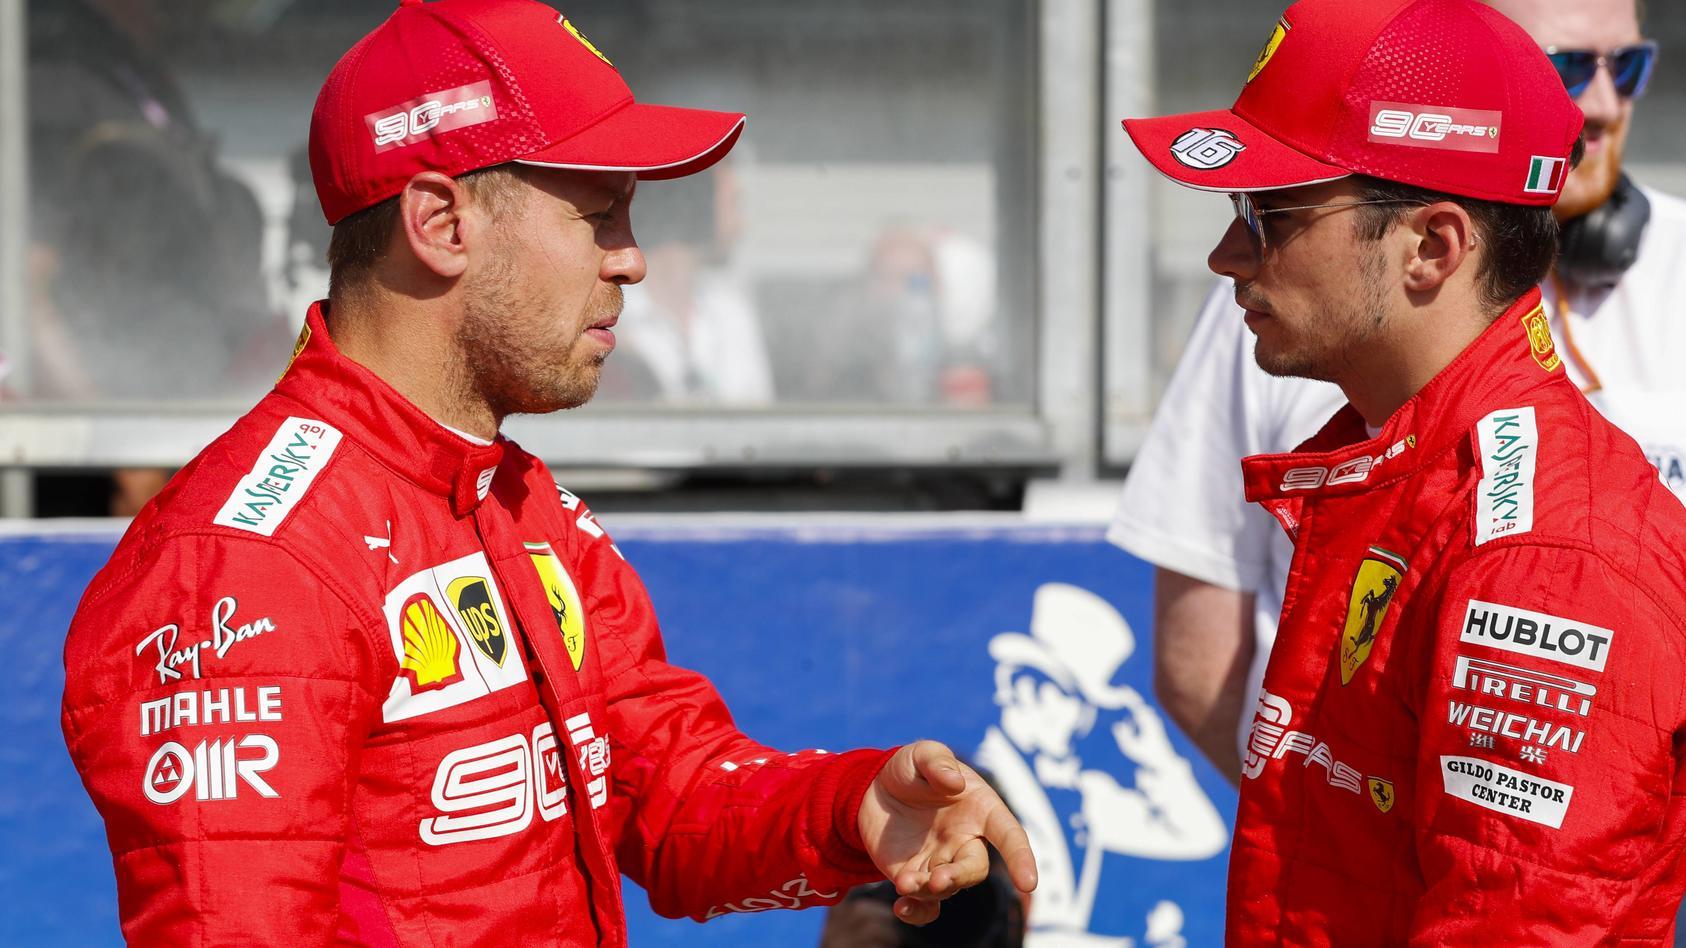 2019 Belgian GP SPA FRANCORCHAMPS BELGIUM AUGUST 31 Sebastian Vettel Ferrari and pole winner